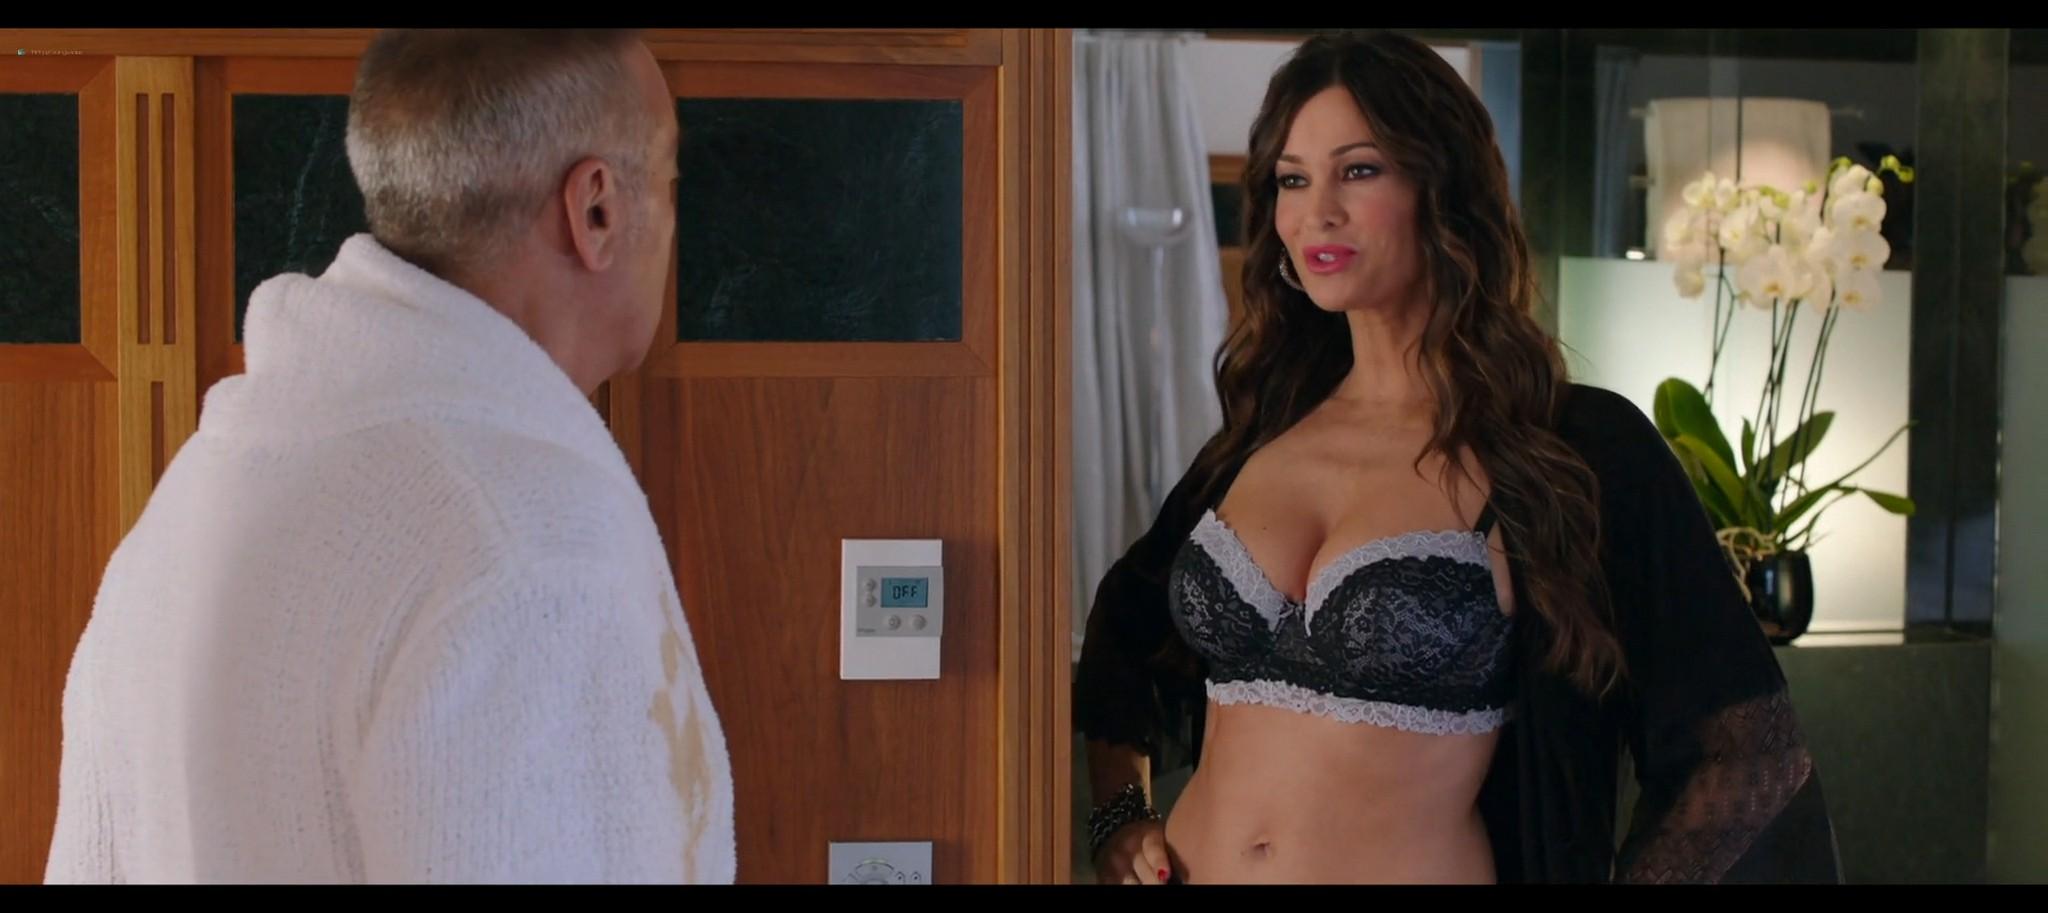 Manuela Arcuri hot bust Ria Antoniou sexy Non si ruba a casa dei ladri IT 2016 HD 1080p Web 016